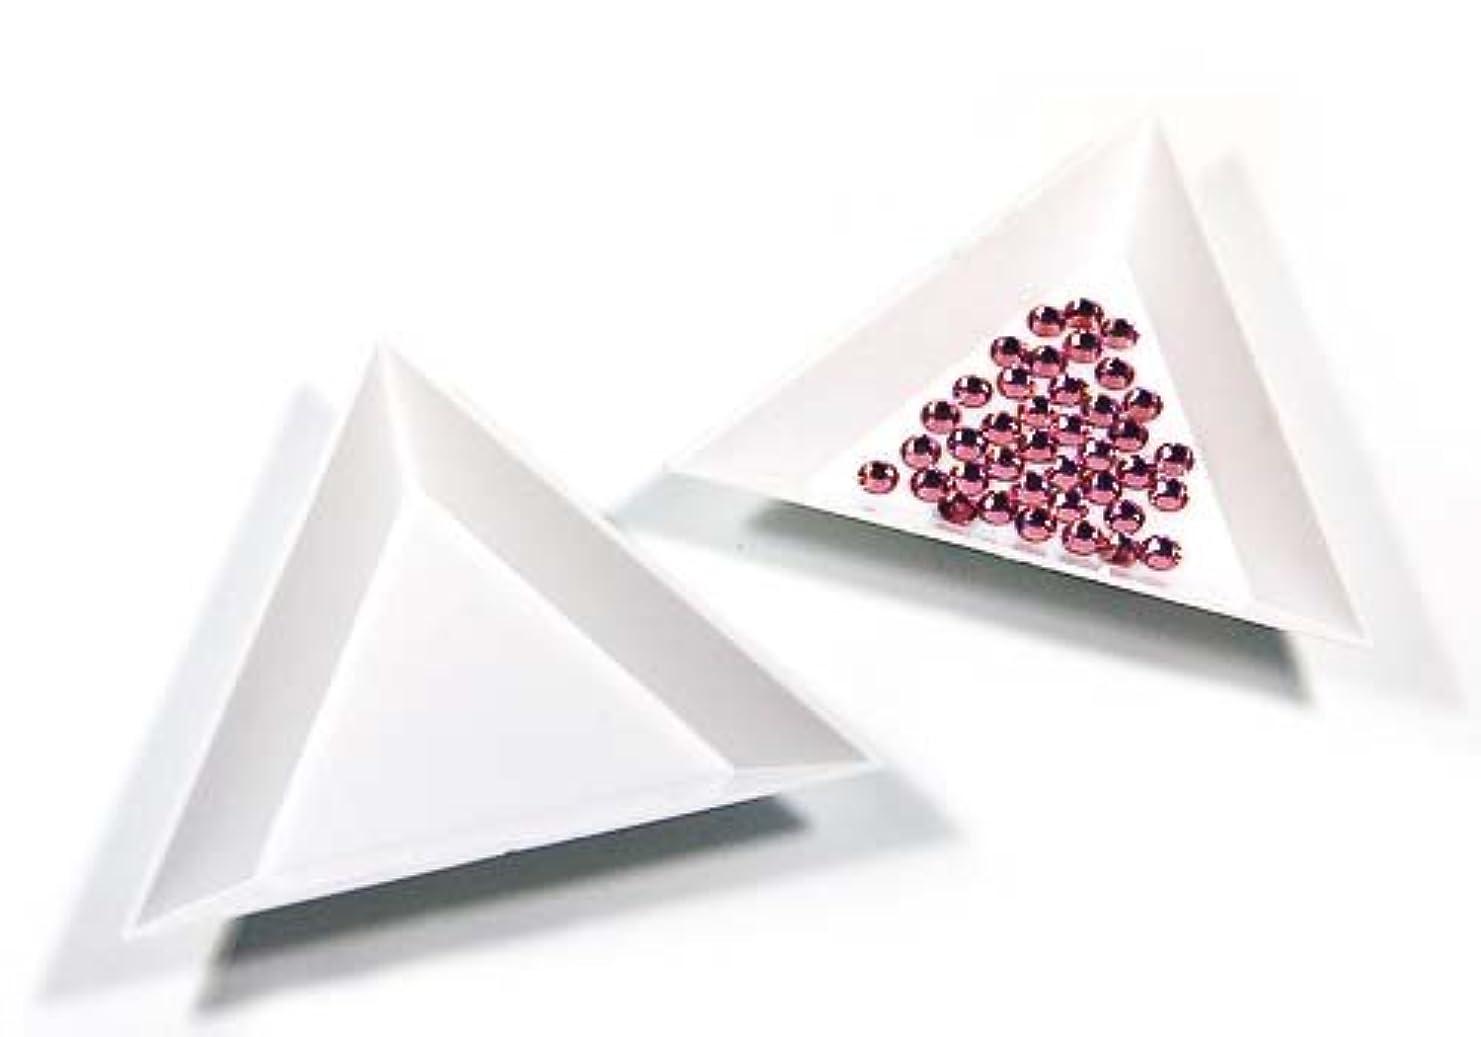 息苦しい献身リボン【ラインストーン77】三角ビーズトレイ 3個セット デコ用品